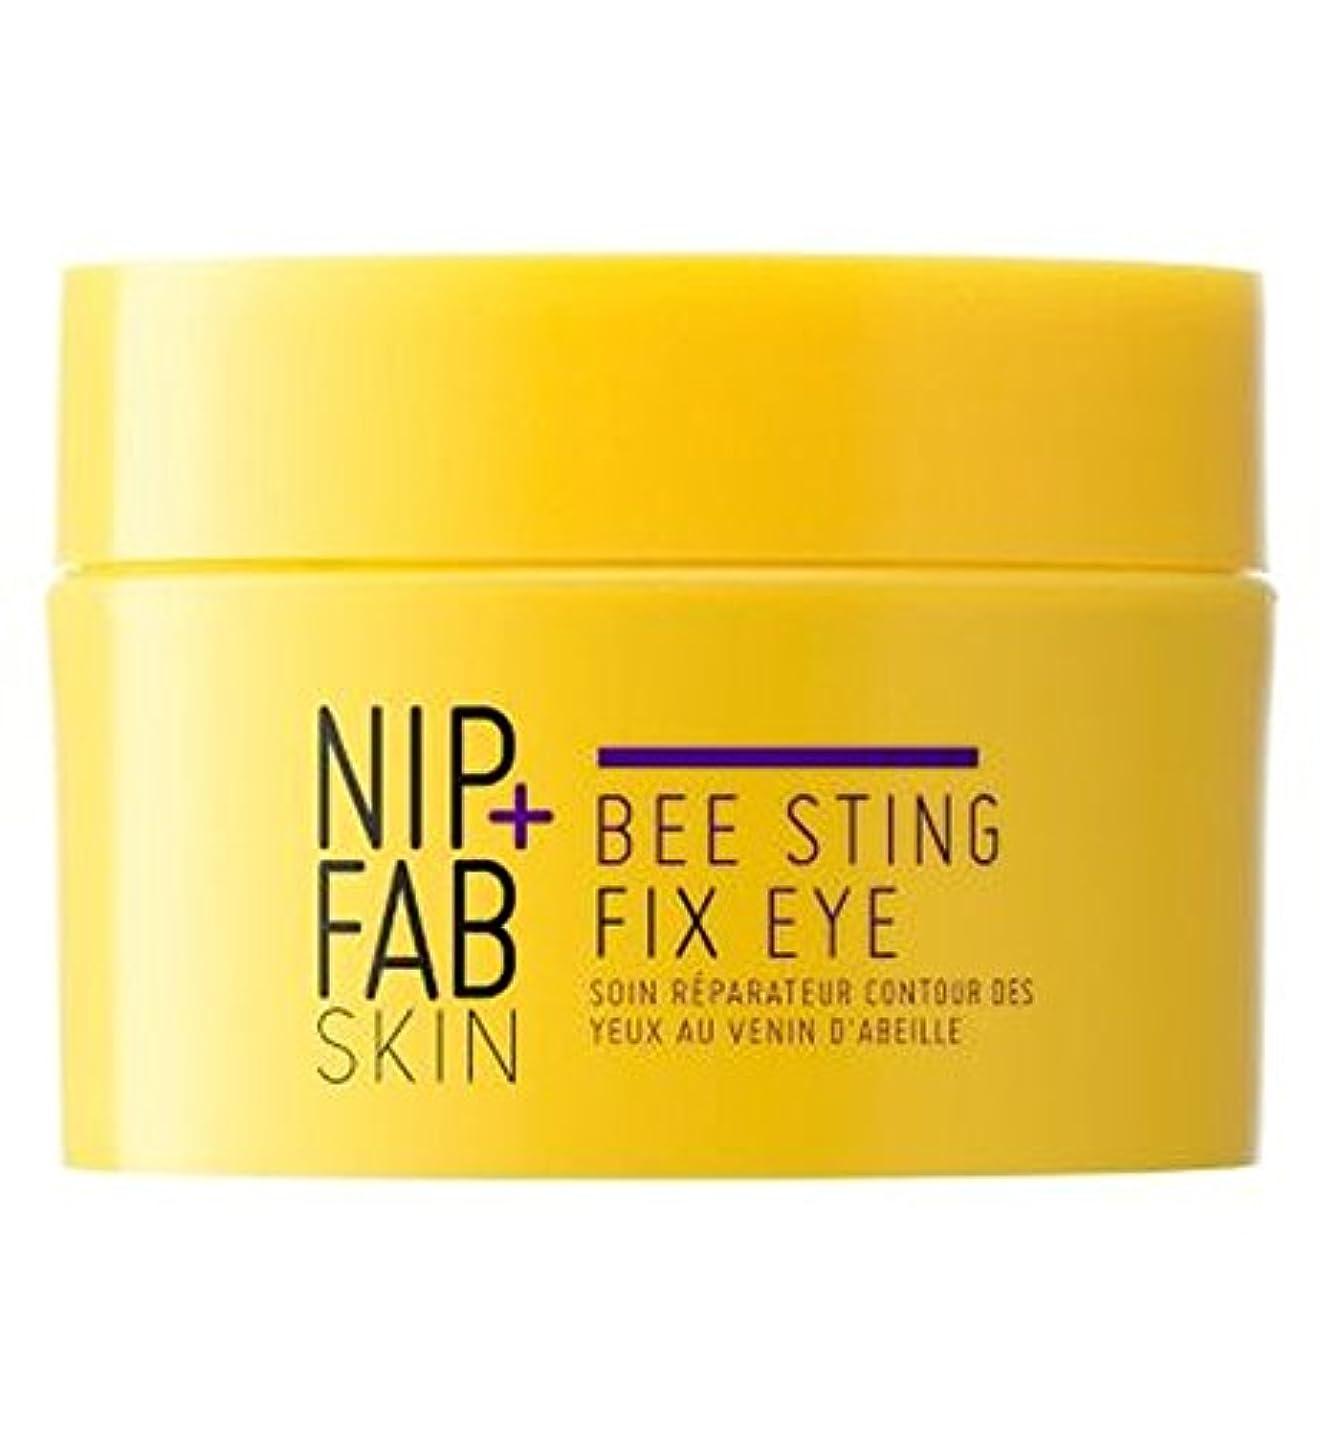 仮定、想定。推測軽減するパイプライン+ファブハチ刺されフィックス目の夜ニップ (Nip & Fab) (x2) - Nip+Fab Bee Sting Fix Eye Night (Pack of 2) [並行輸入品]